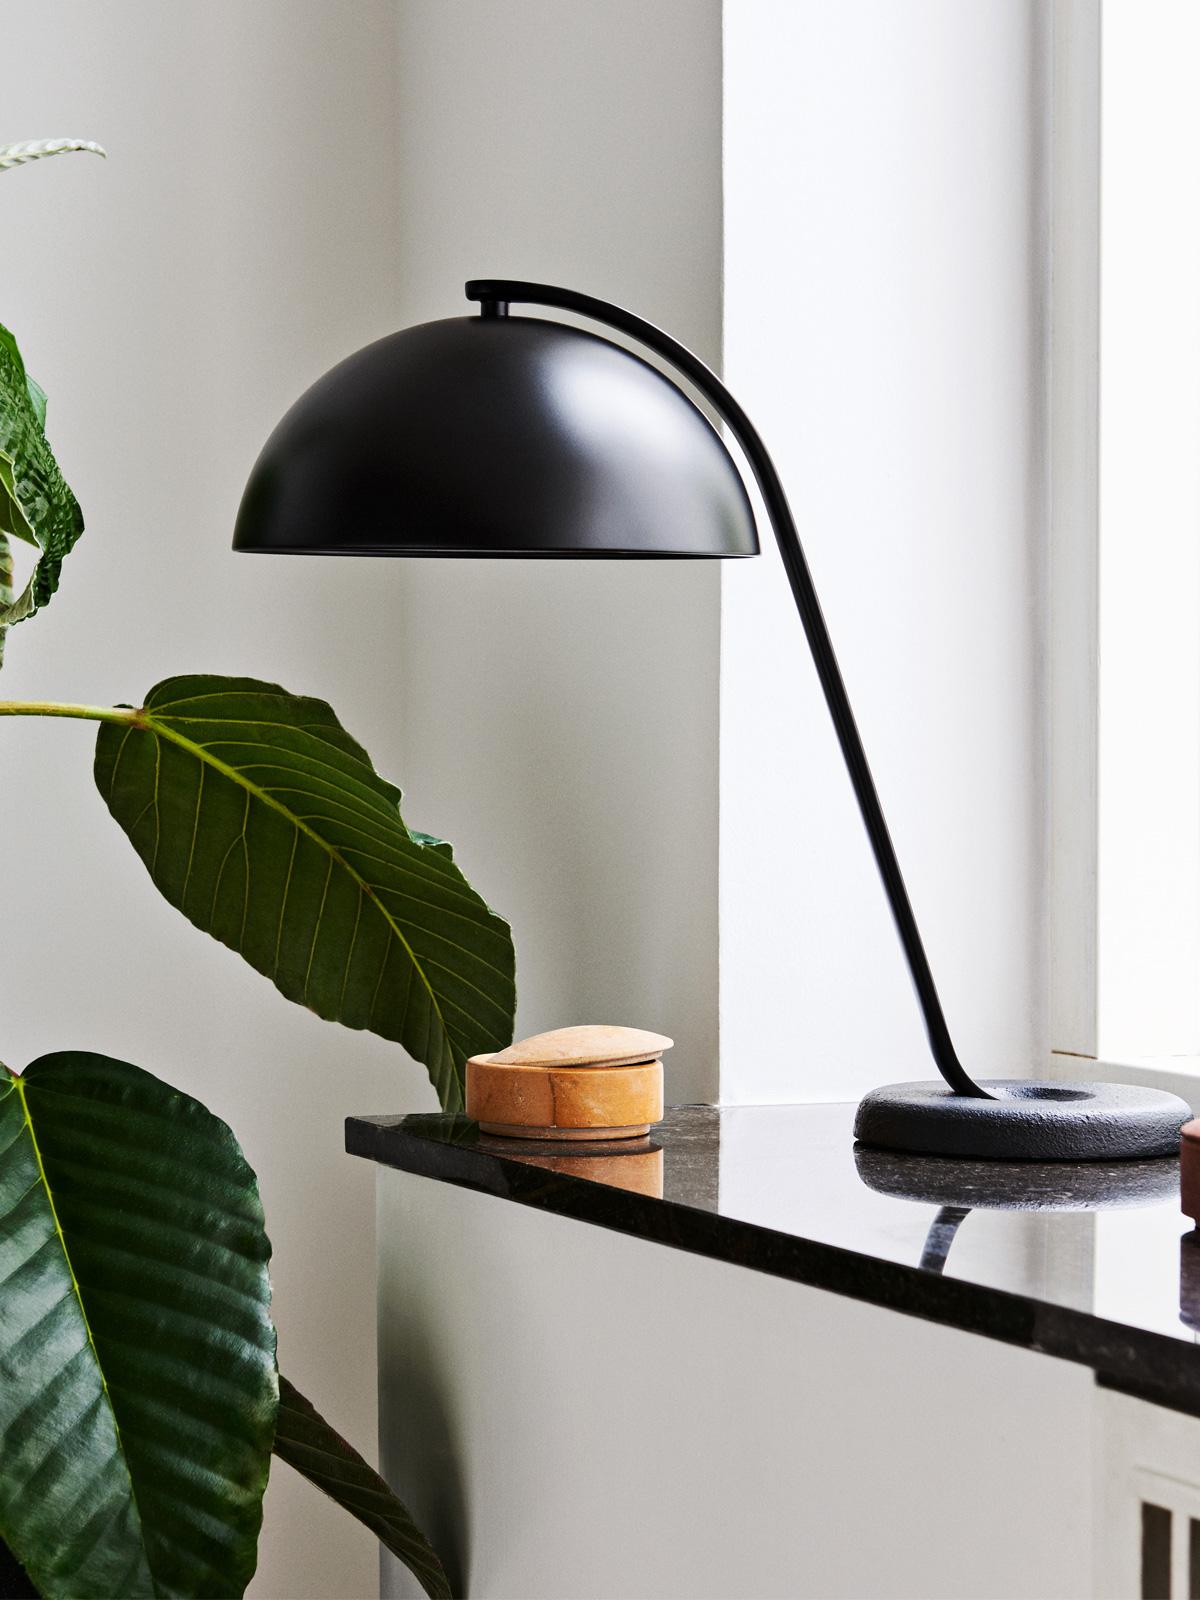 DesignOrt Blog: Ausgefallene Designerleuchten Tischlampe Cloche in Schwarz von wrong.london/ HAY